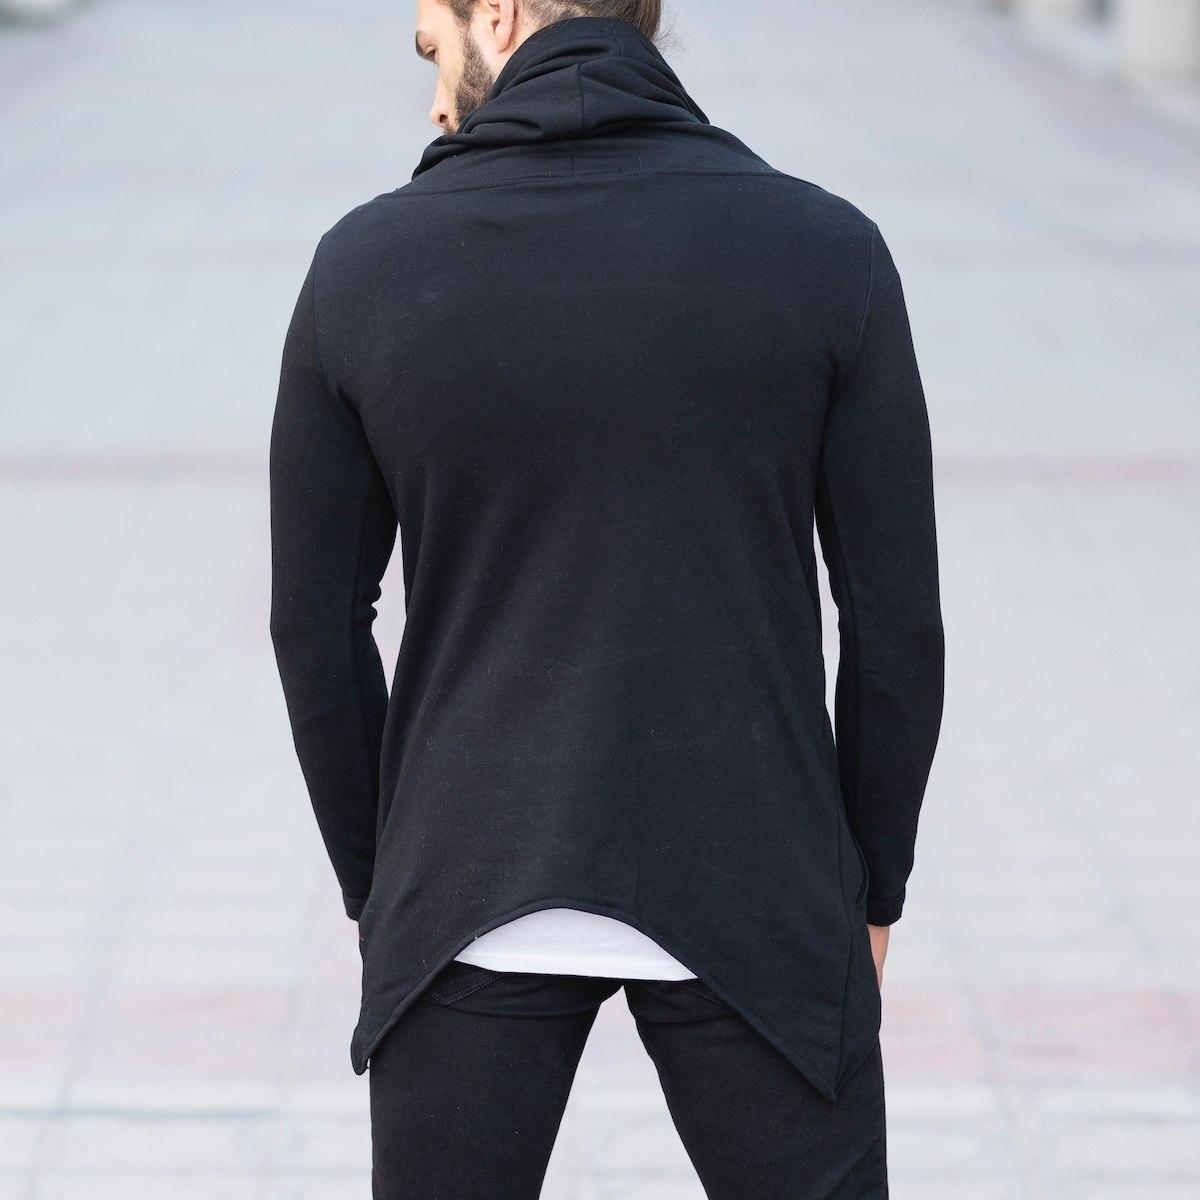 Long Neck Sweatshirt with Zip in Black Mv Premium Brand - 4